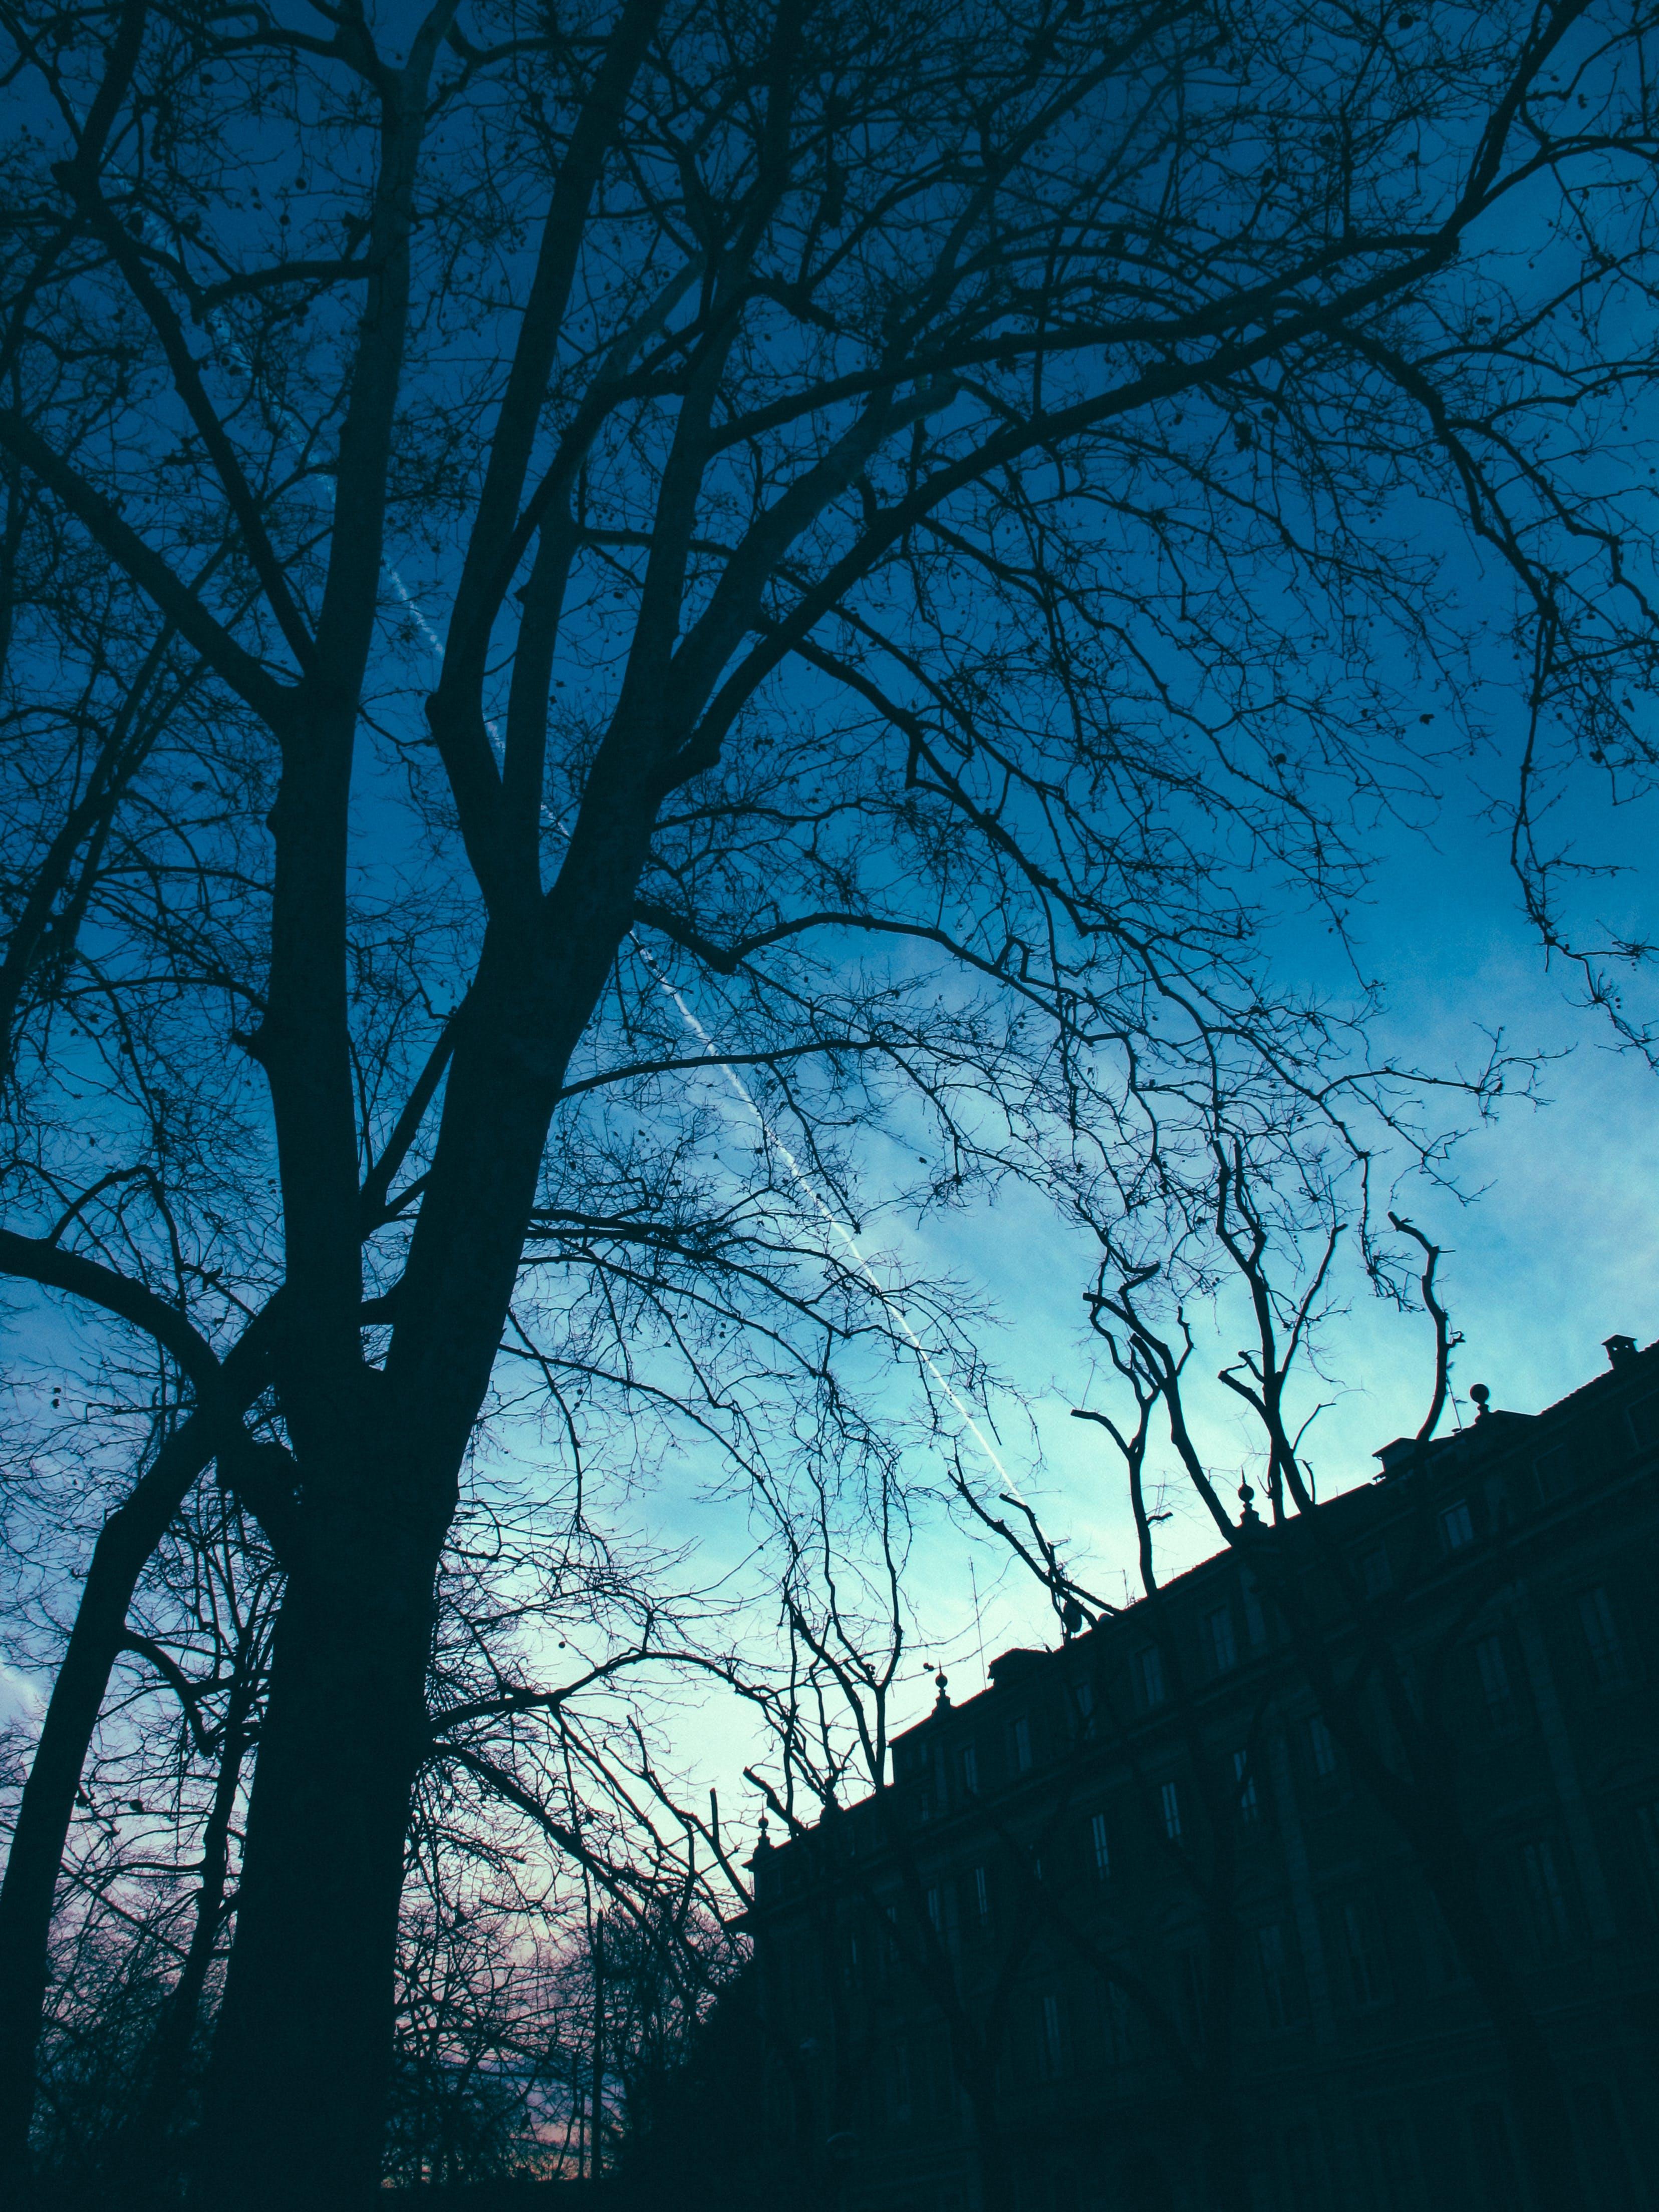 Δωρεάν στοκ φωτογραφιών με απόκοσμος, δέντρο, κλαδιά, οπίσθιος φωτισμός